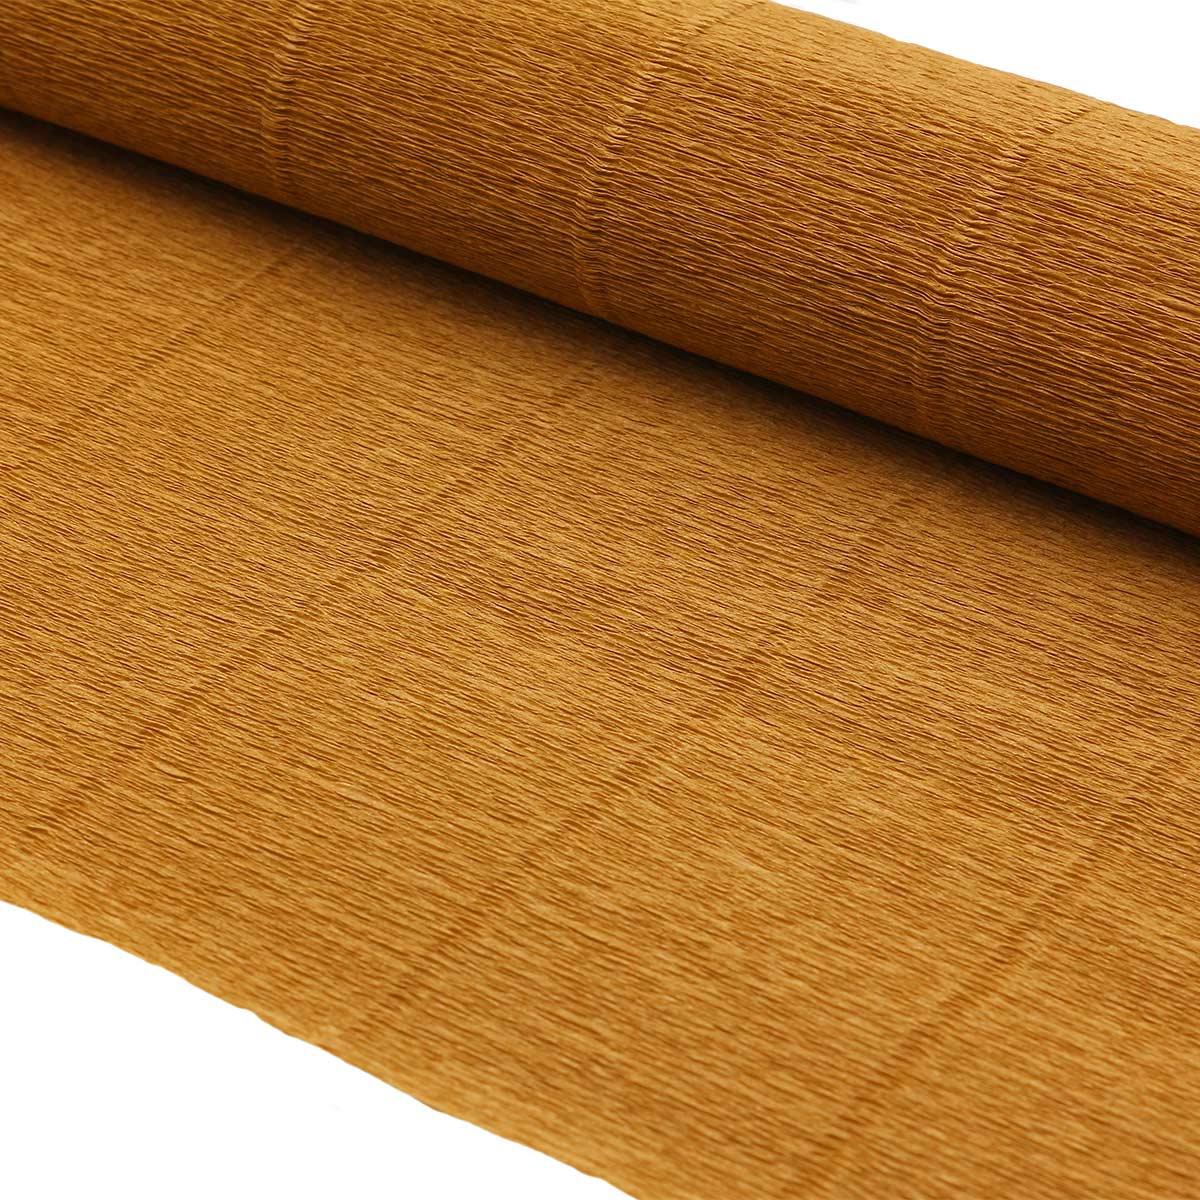 87550640 Бумага гофрированная простая, 50см*2,5м 140гр 967 светло-коричневая